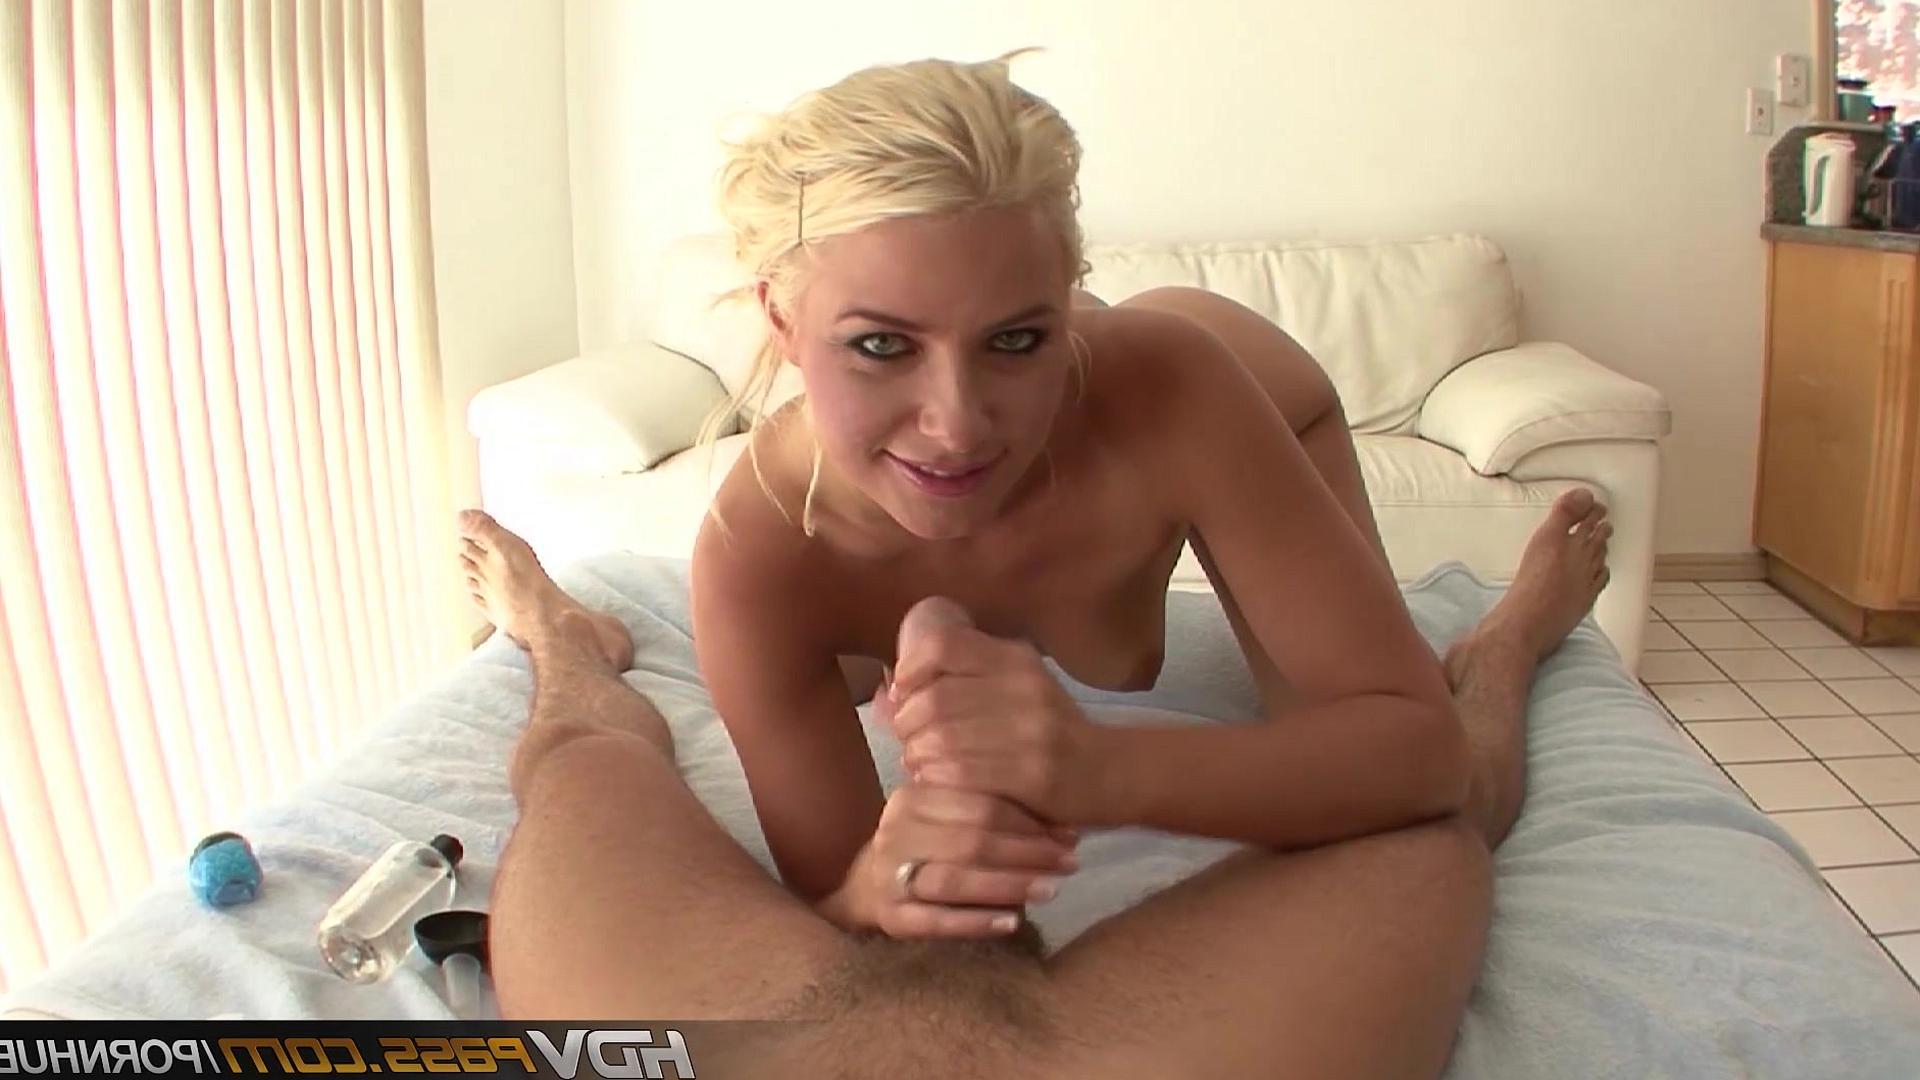 Сисястая брюнетка подрочила мужику порно смотреть онлайн фото 245-535